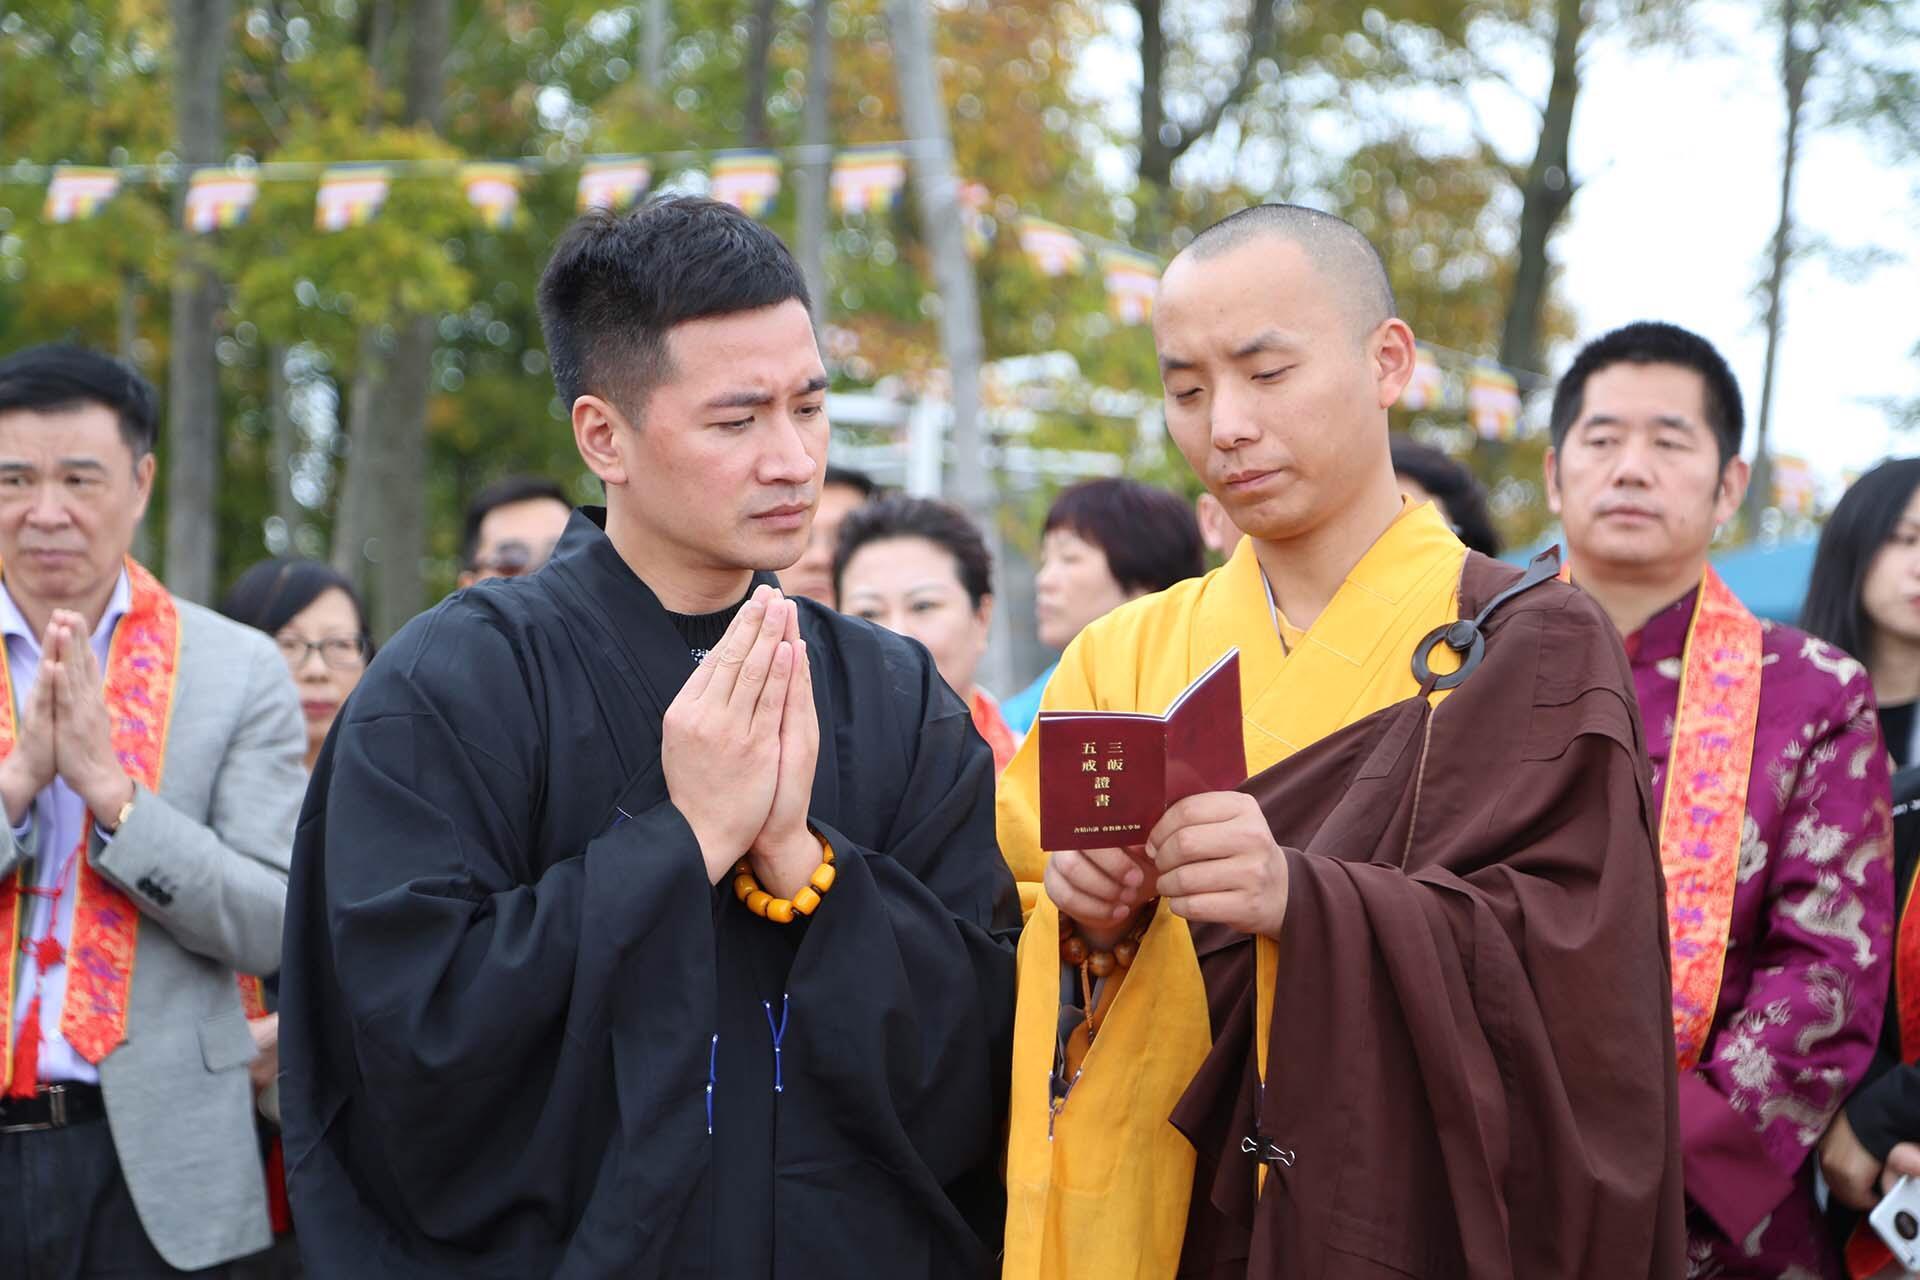 何晟铭在加拿大拜师学习